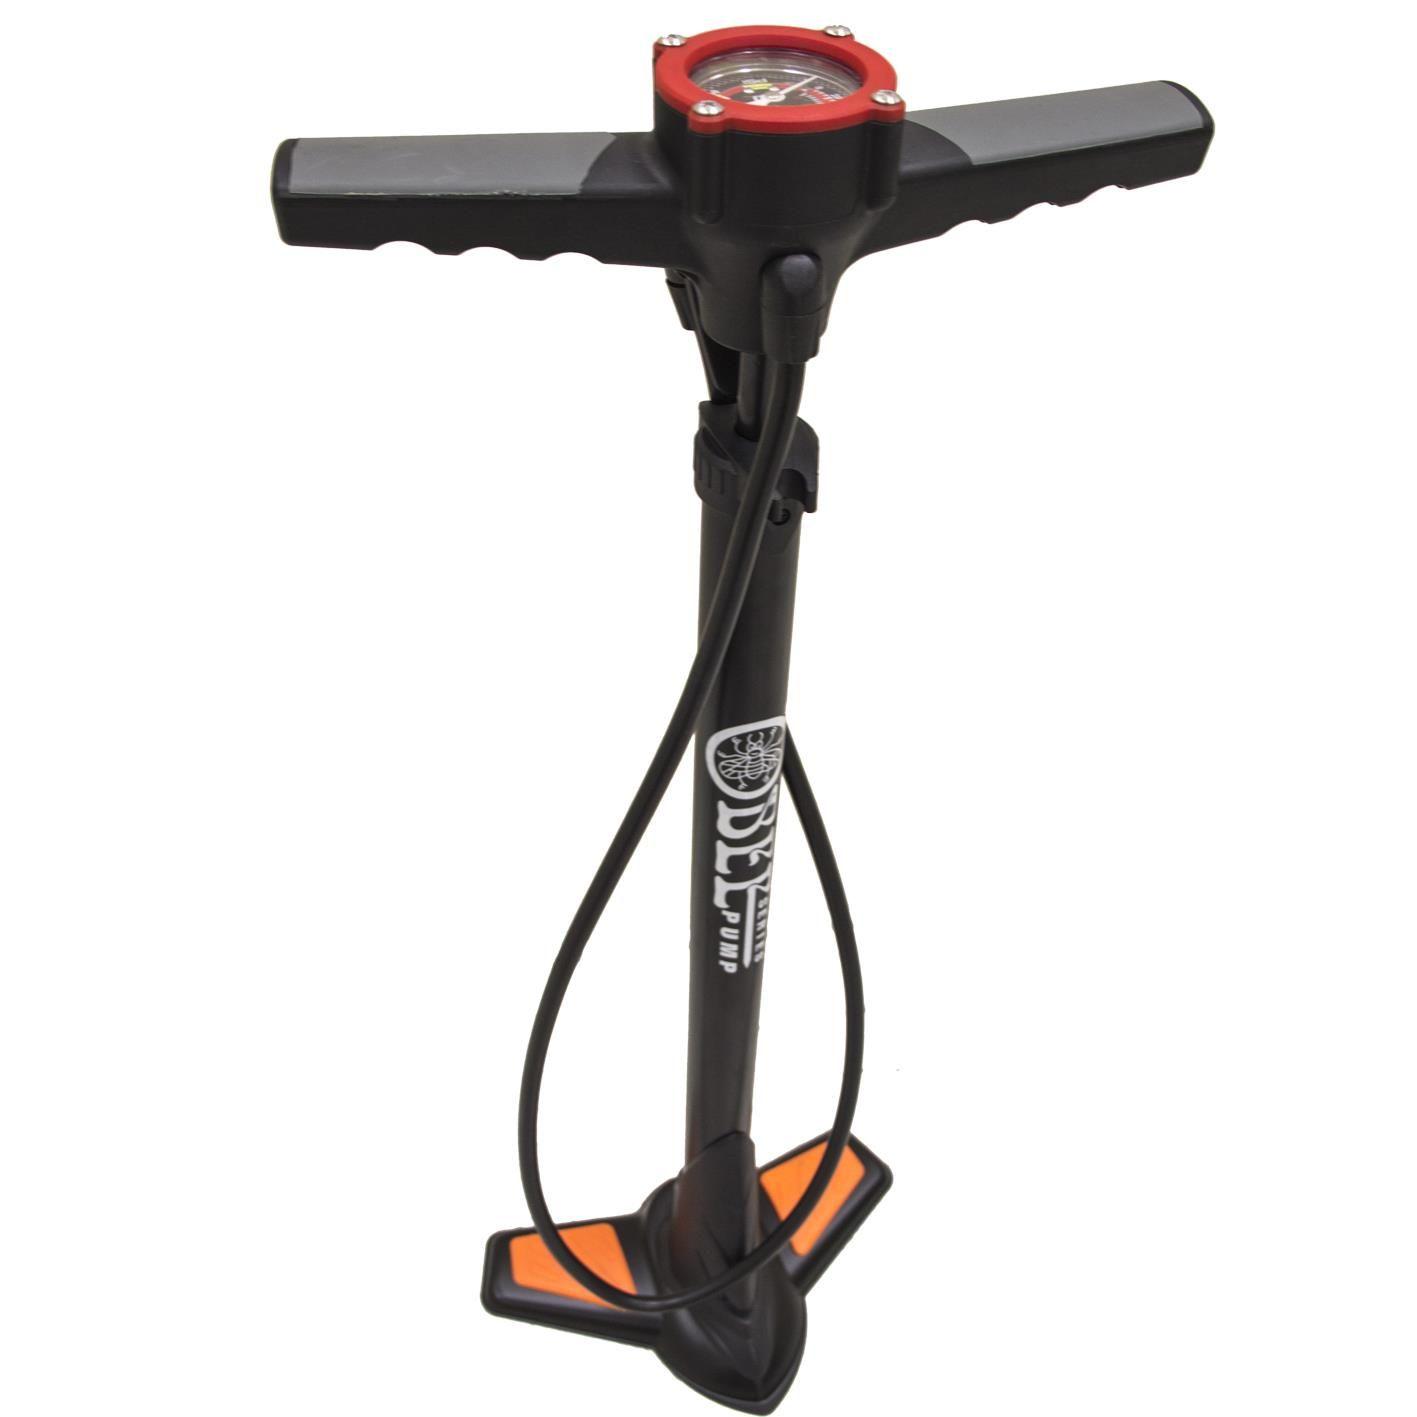 Bomba de Ar para Bike - de Pé- com Manômetro